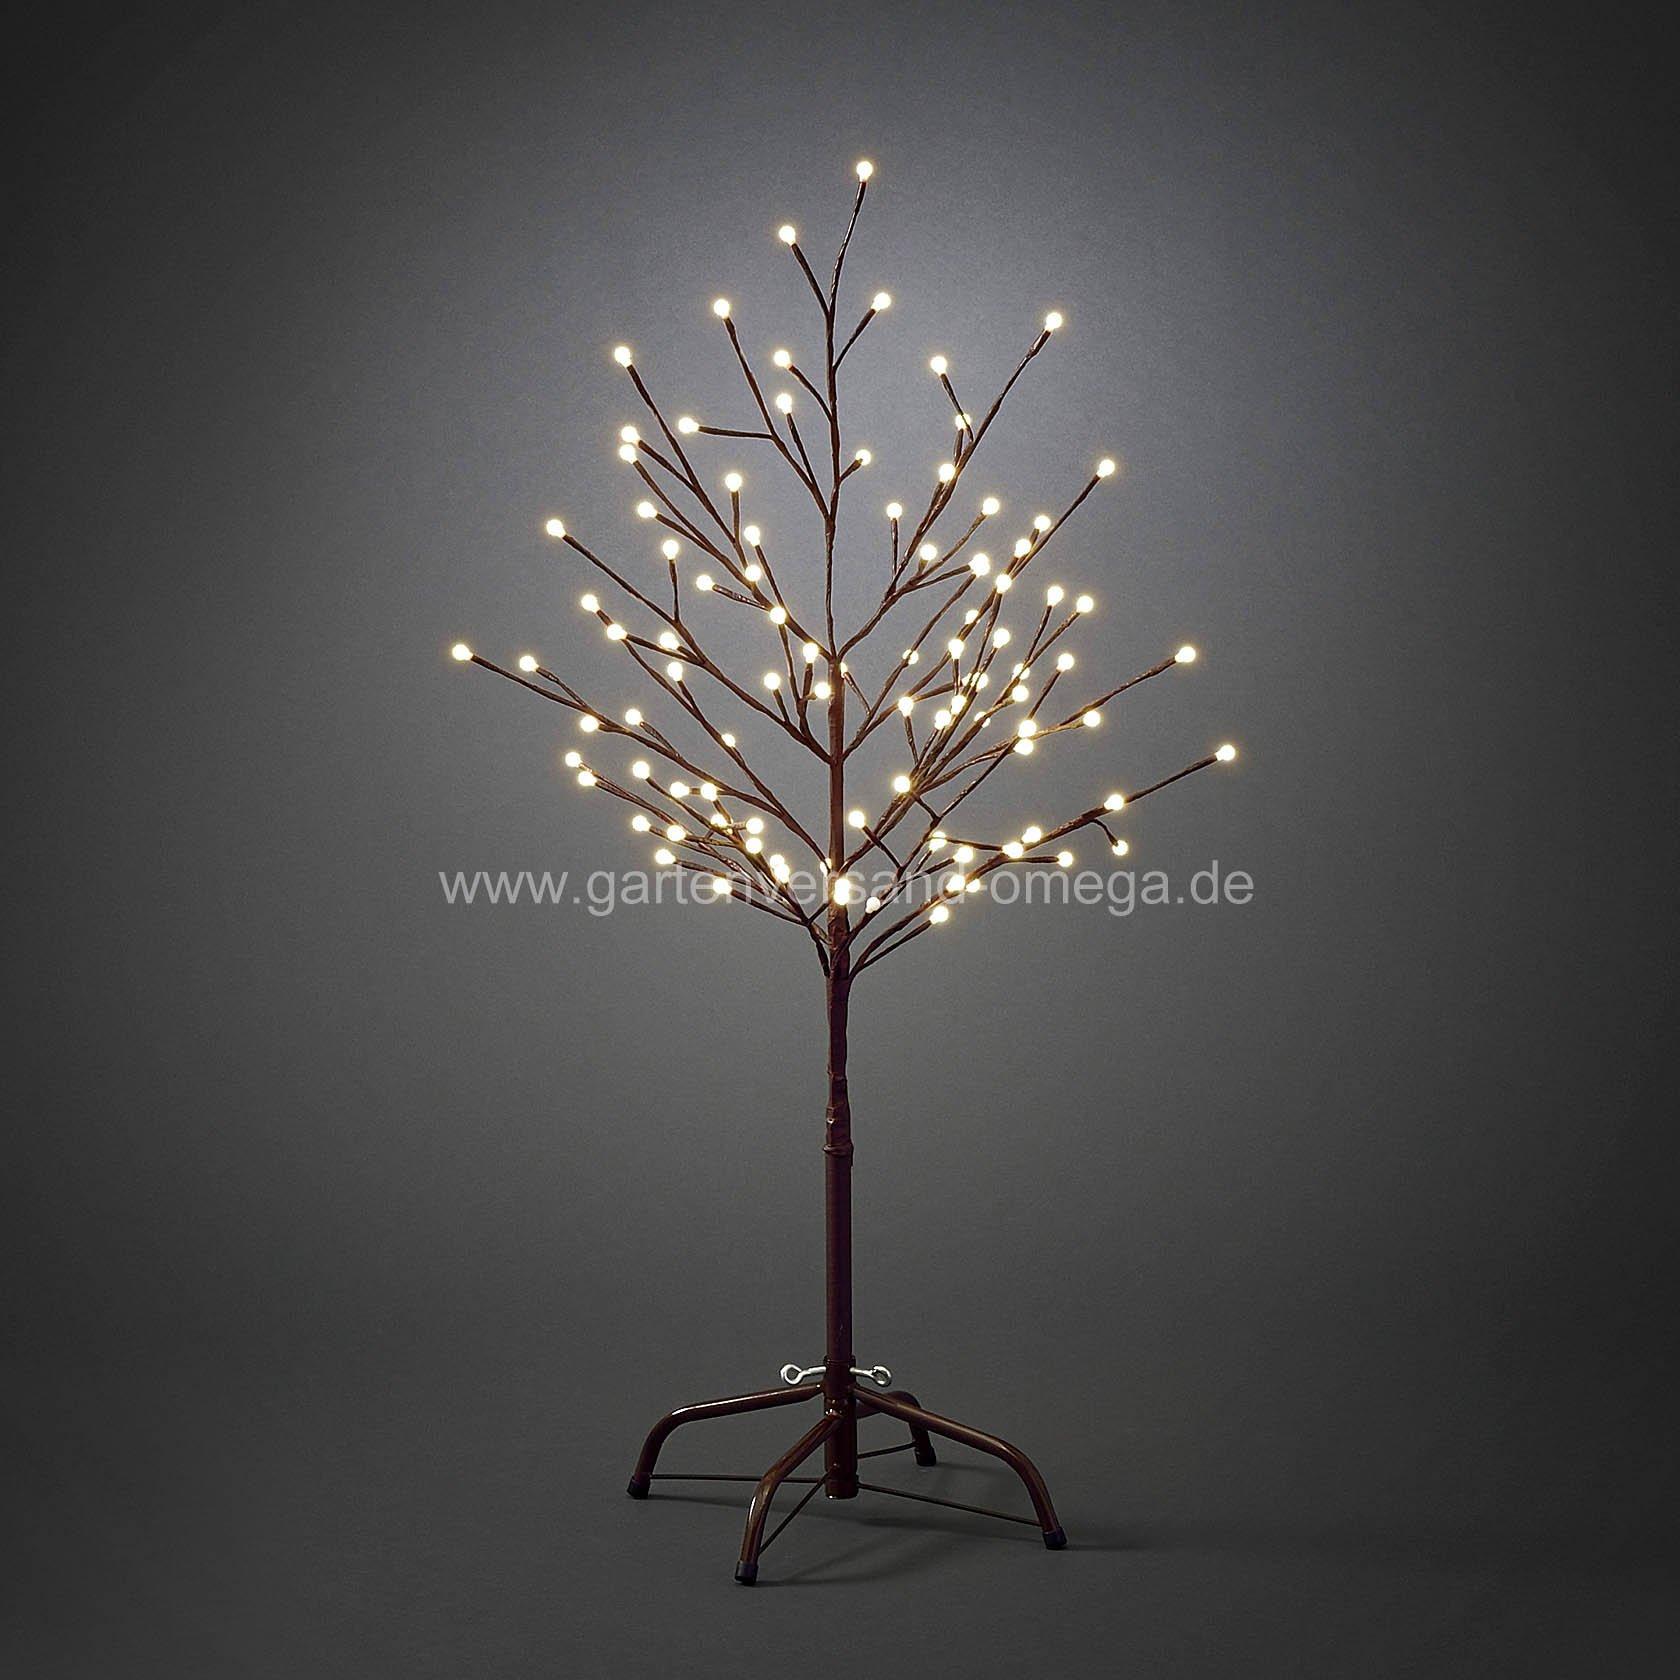 Led lichterbaum braun lichterzweig led baum - Weihnachtsbeleuchtung garten ...